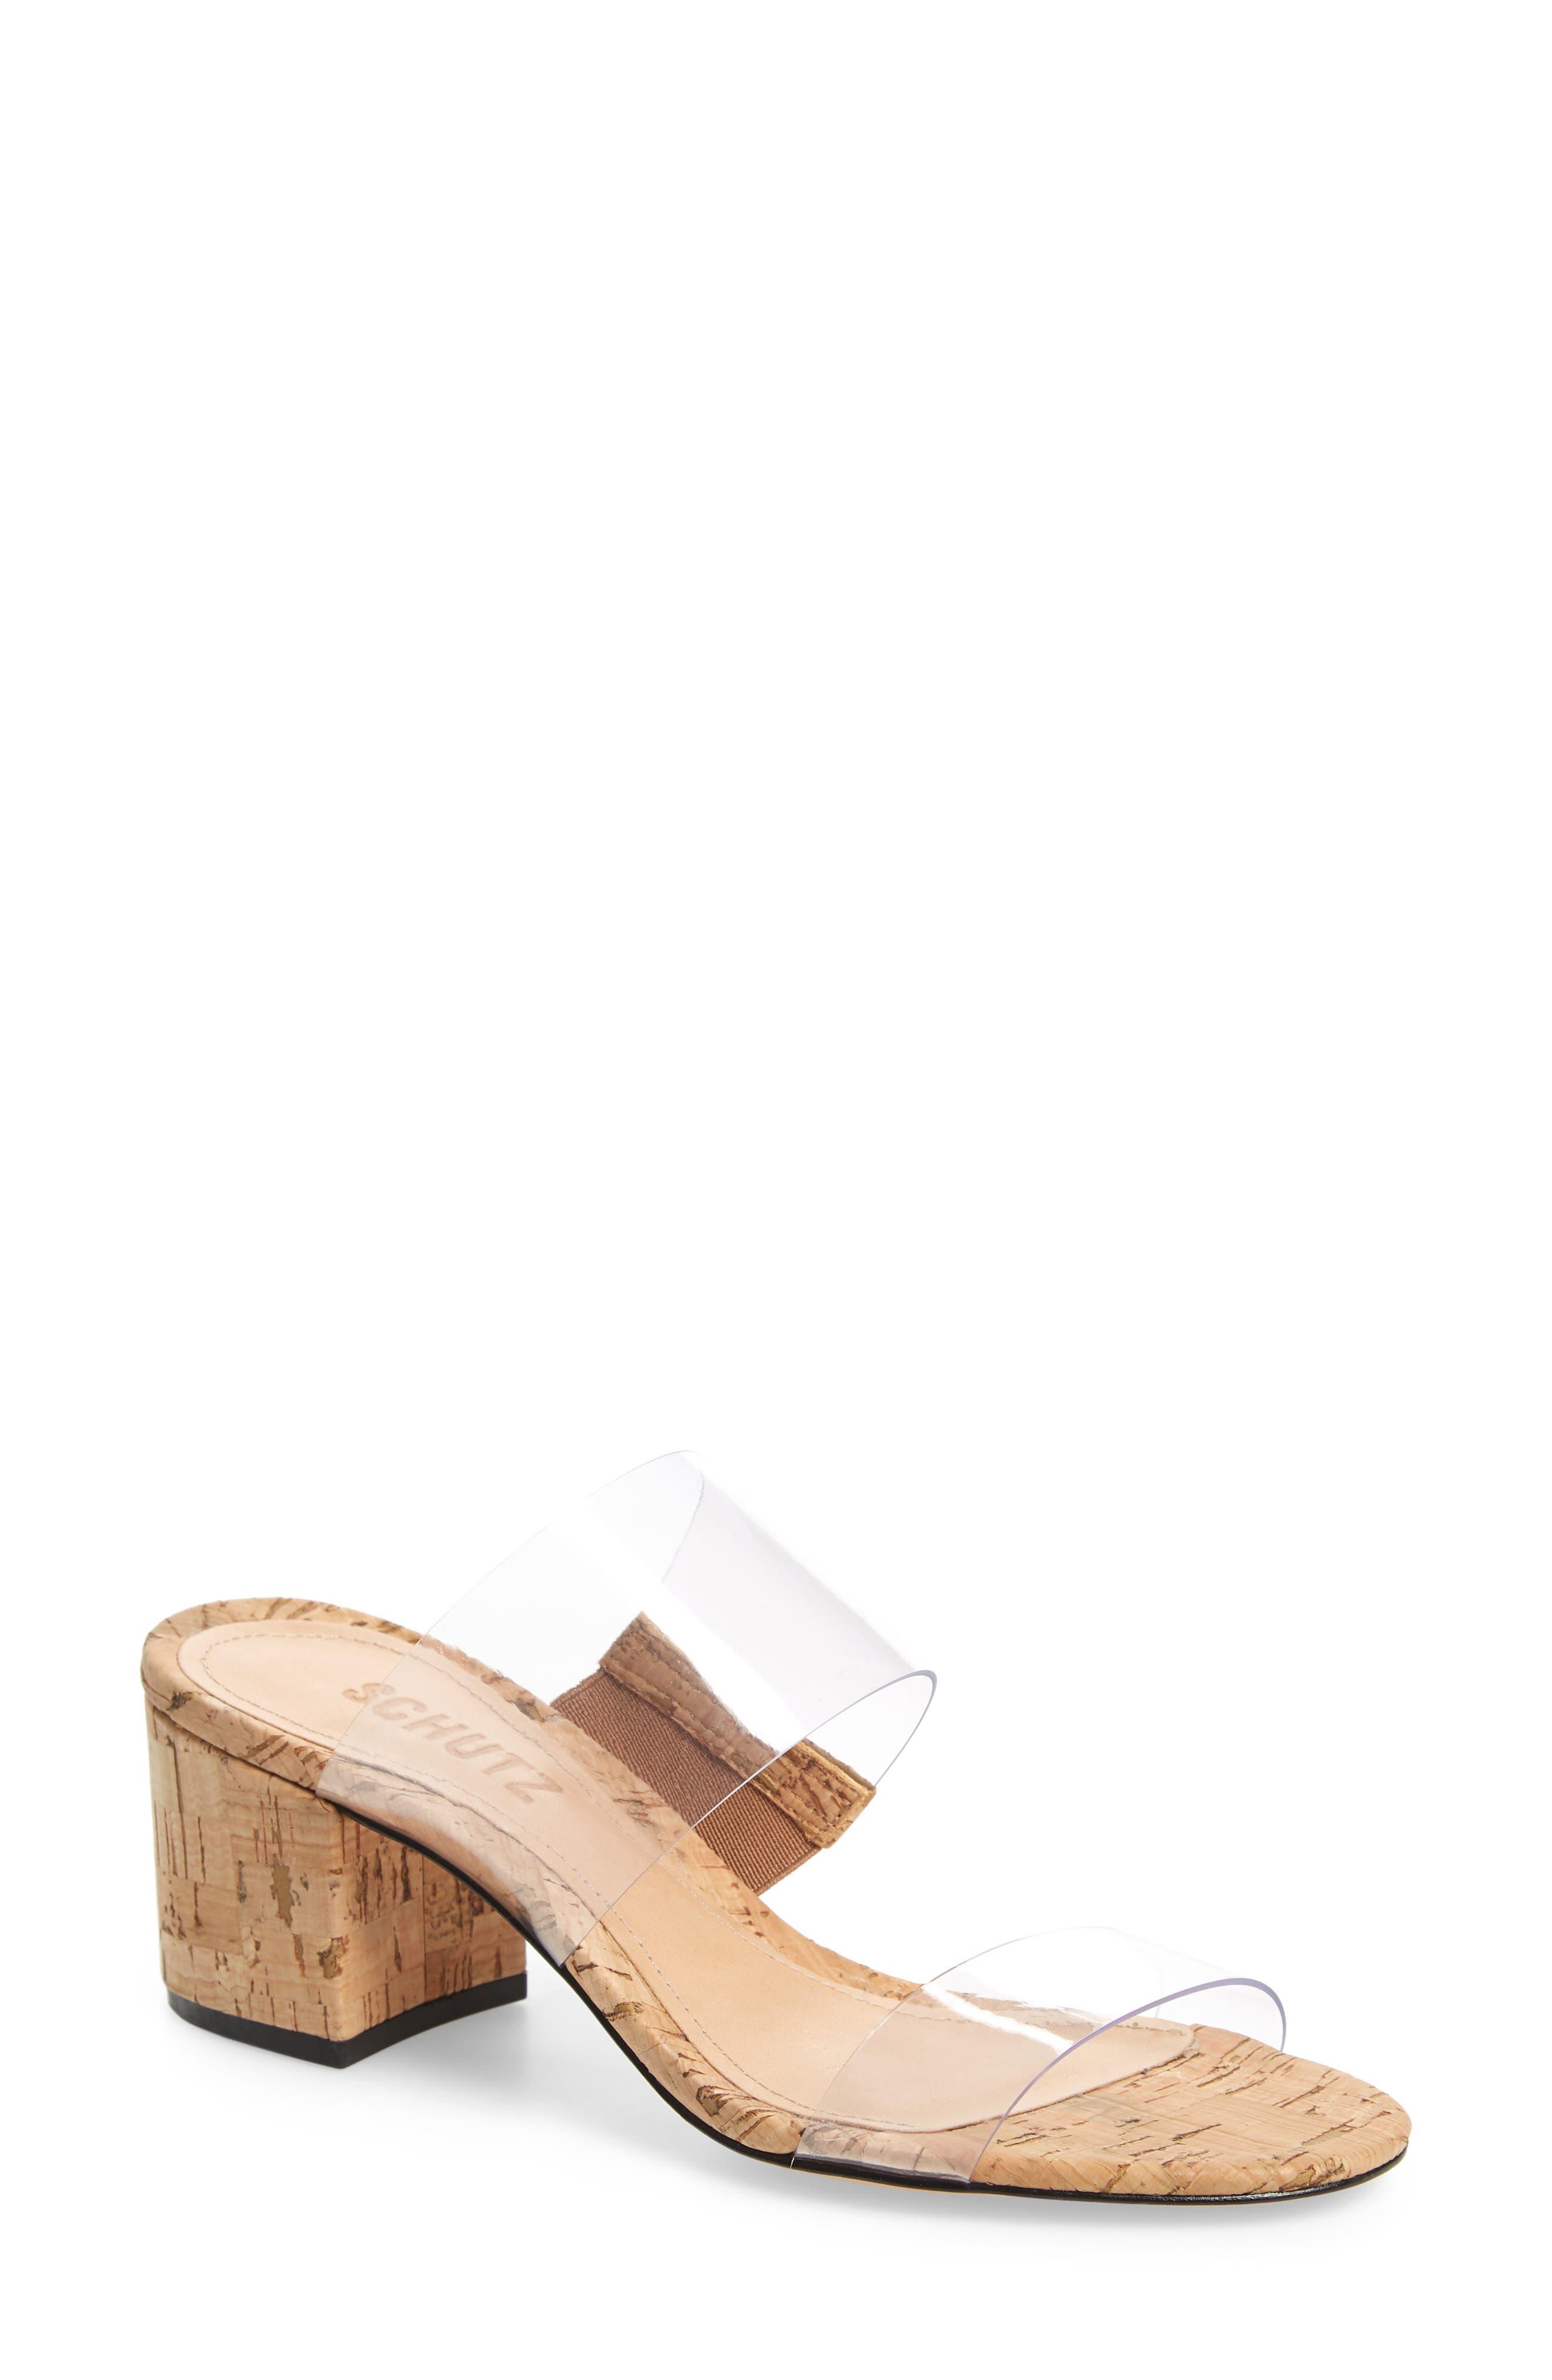 Victorie Slide Sandal,                         Main,                         color, TRANSPARENT/ NATURAL